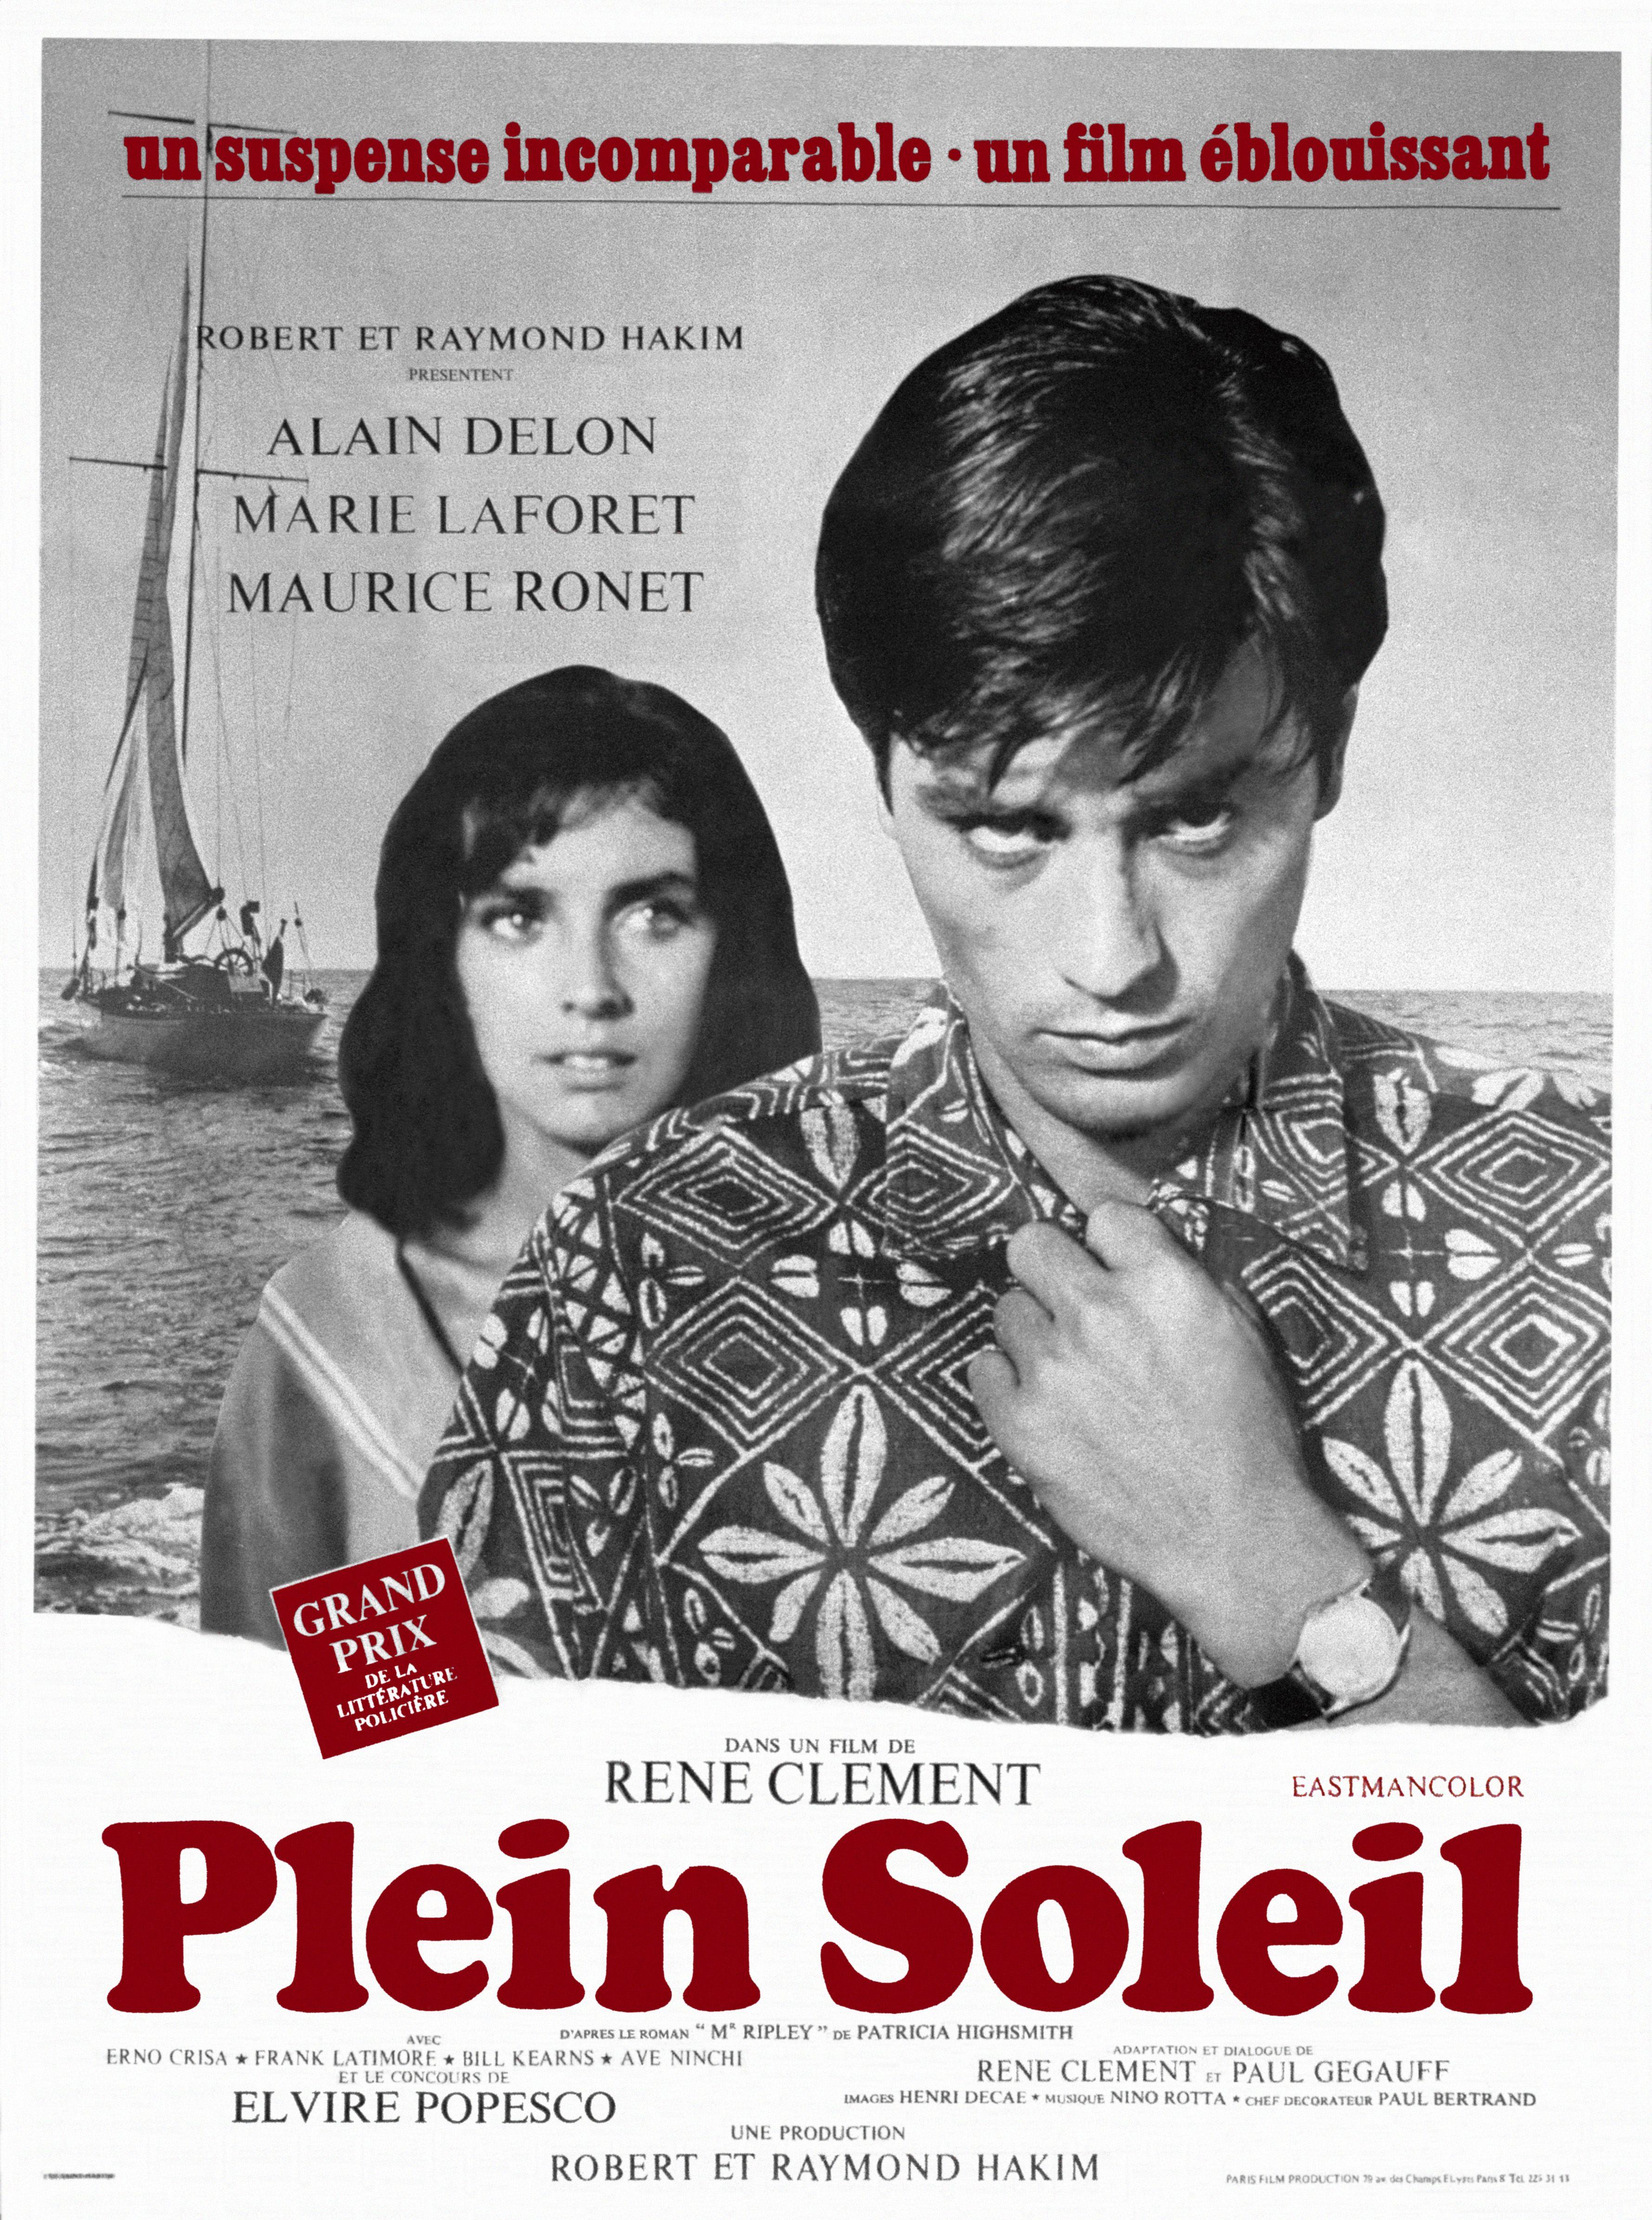 Cartel Frances De Plein Soleil 1960 Avec Images Delon